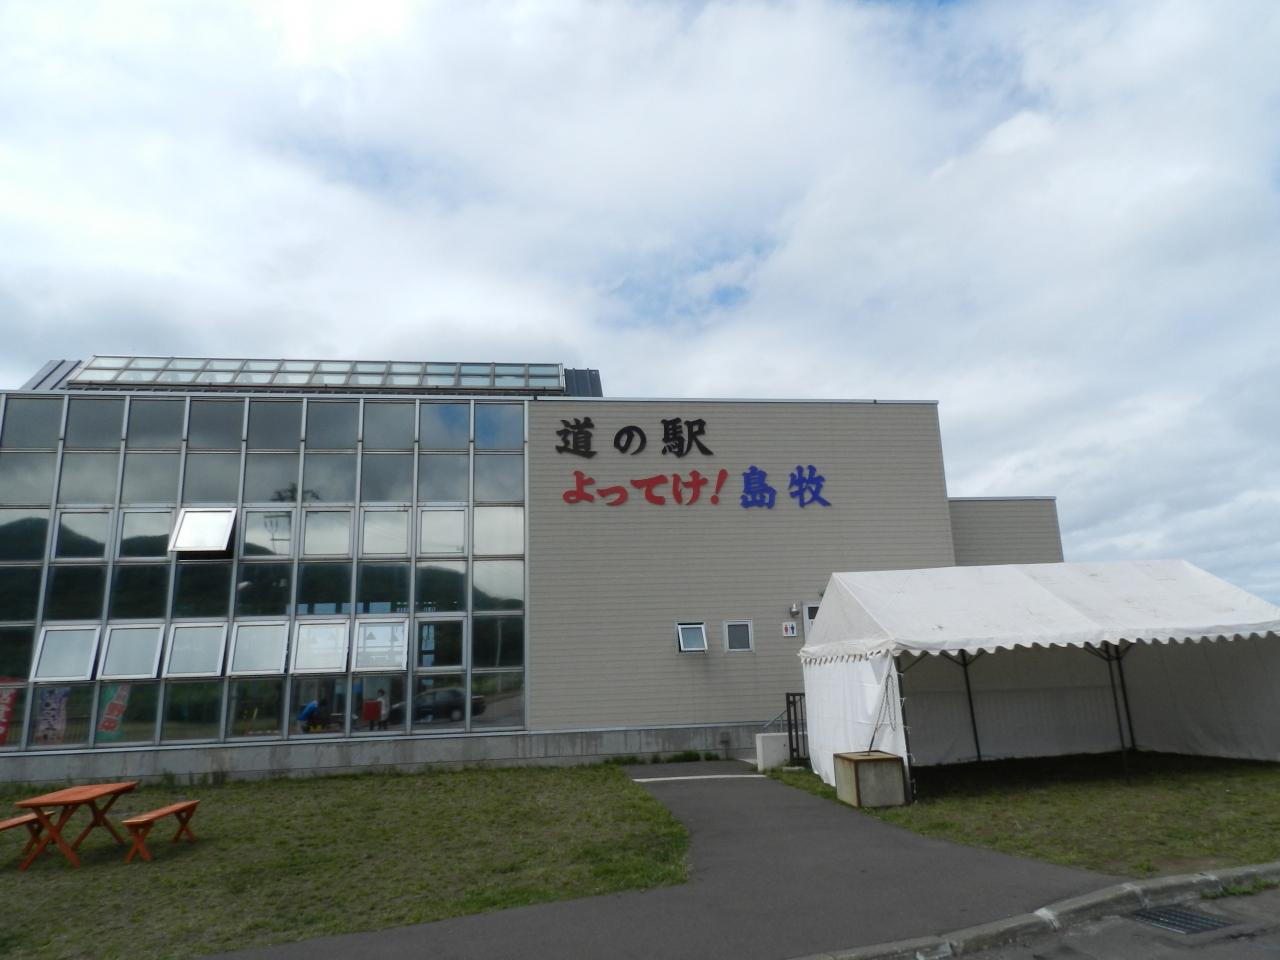 道の駅 よってけ!島牧 クチコミガイド【フォートラベル ...